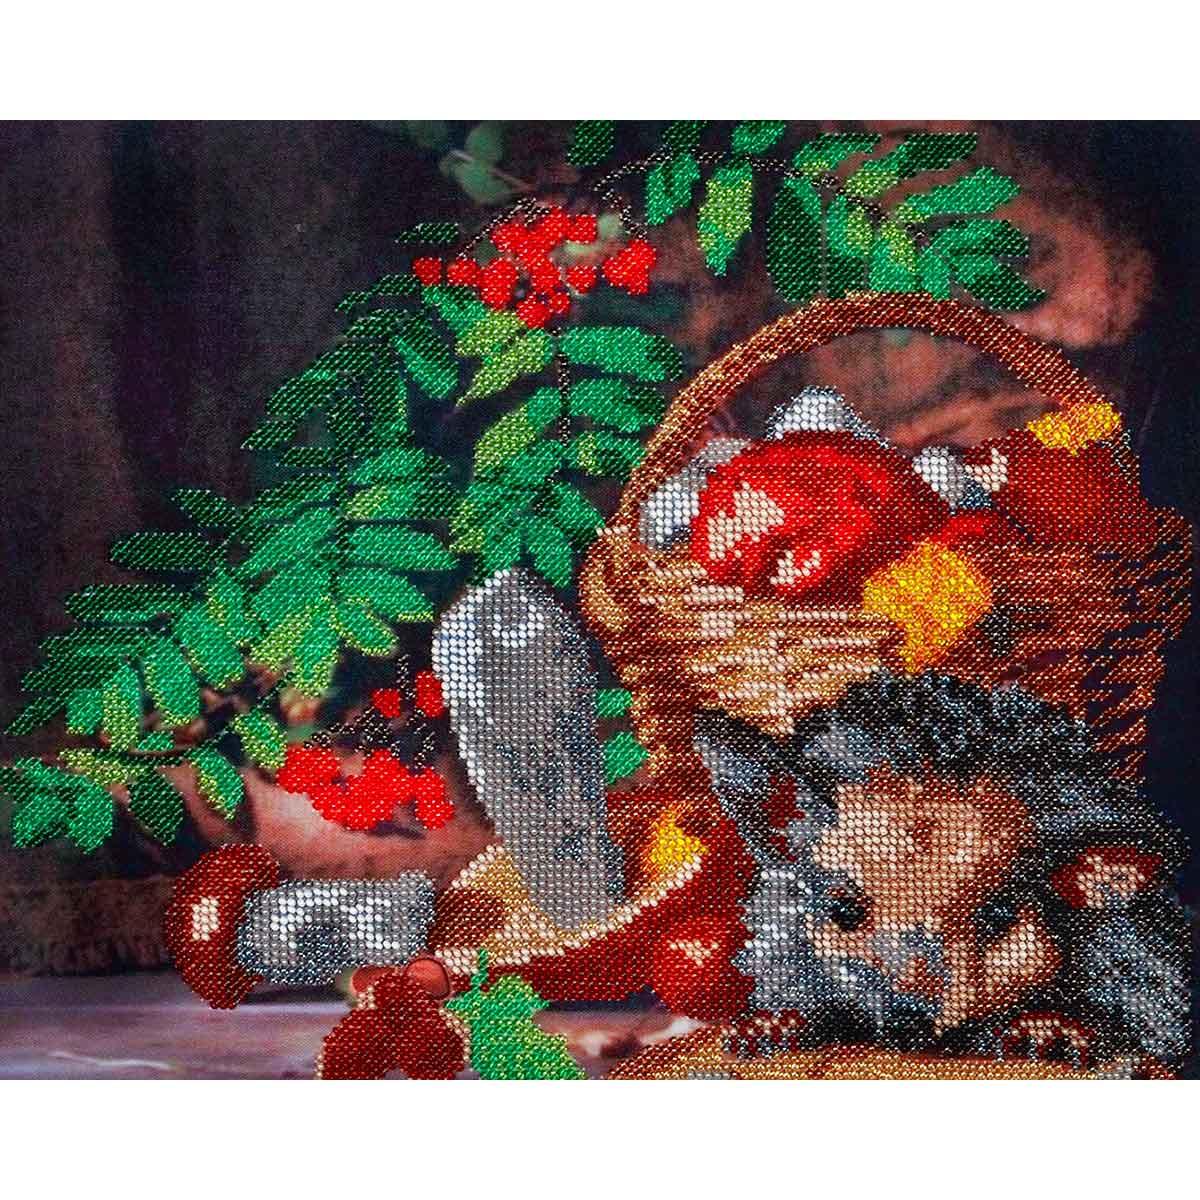 БН-3079 Набор для вышивания бисером Hobby&Pro 'Дары осени', 31*25 см